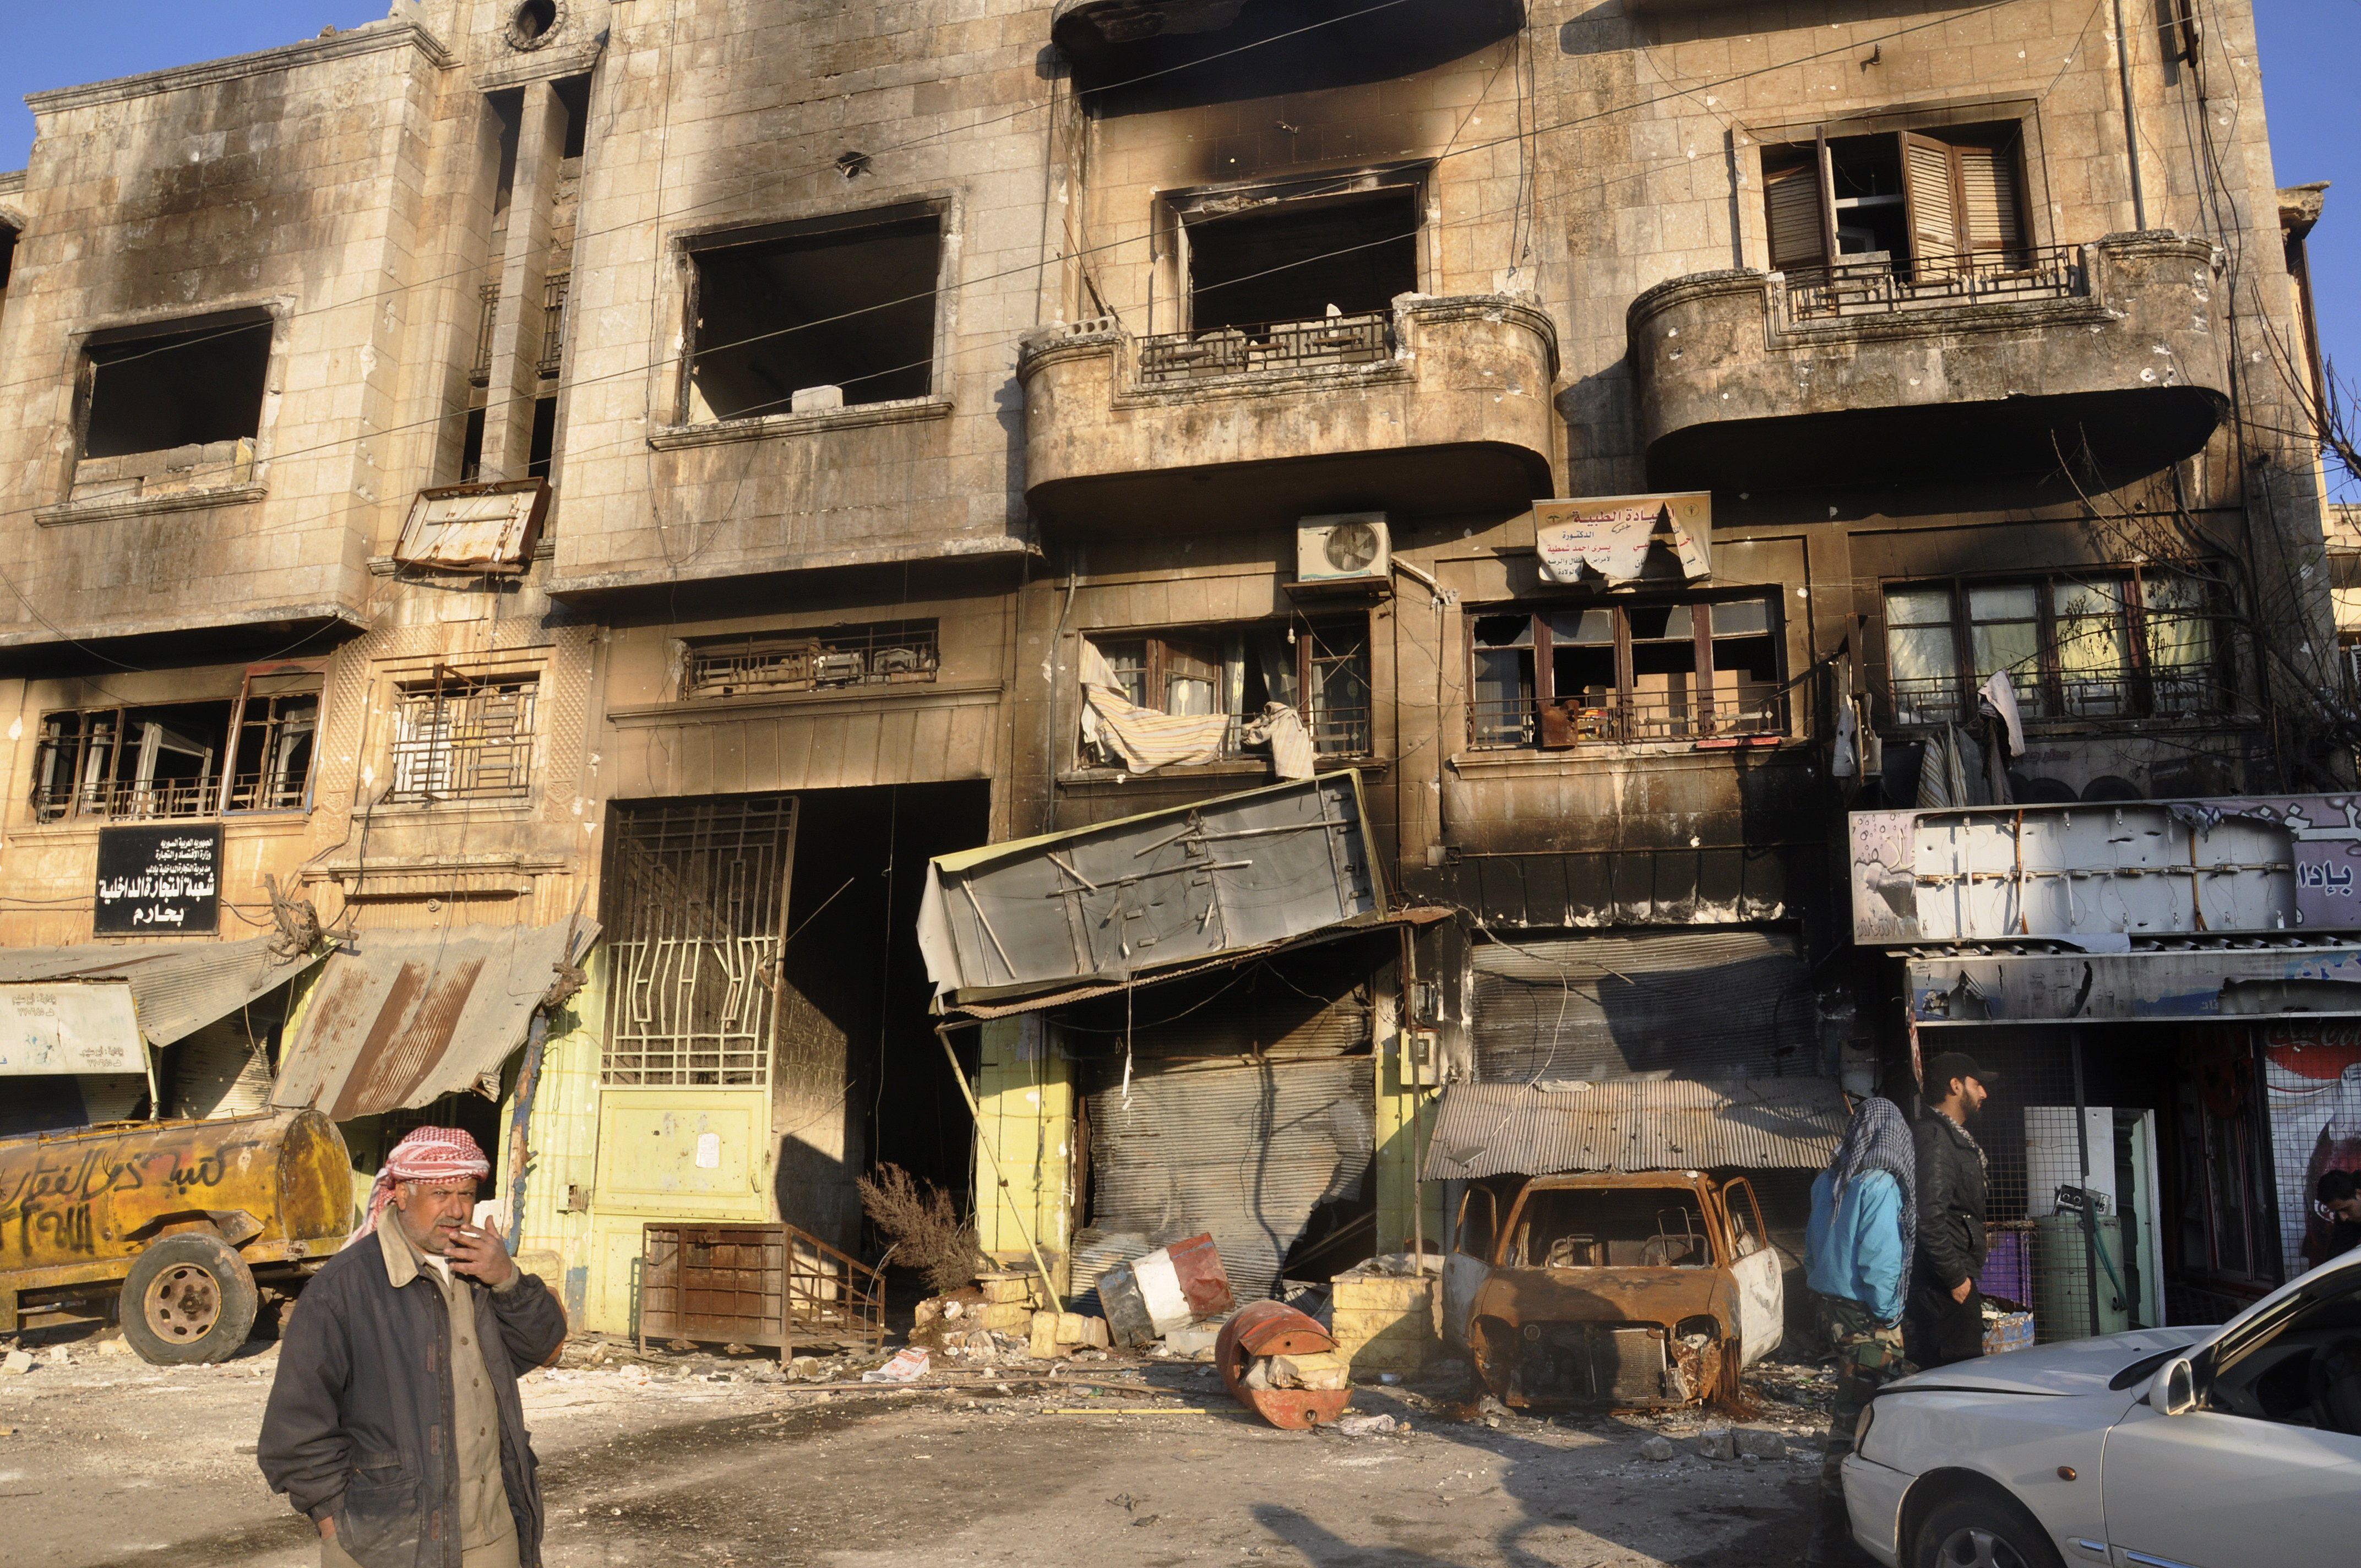 La oposición siria denuncia un nuevo ataque con armas químicas cerca de Damasco